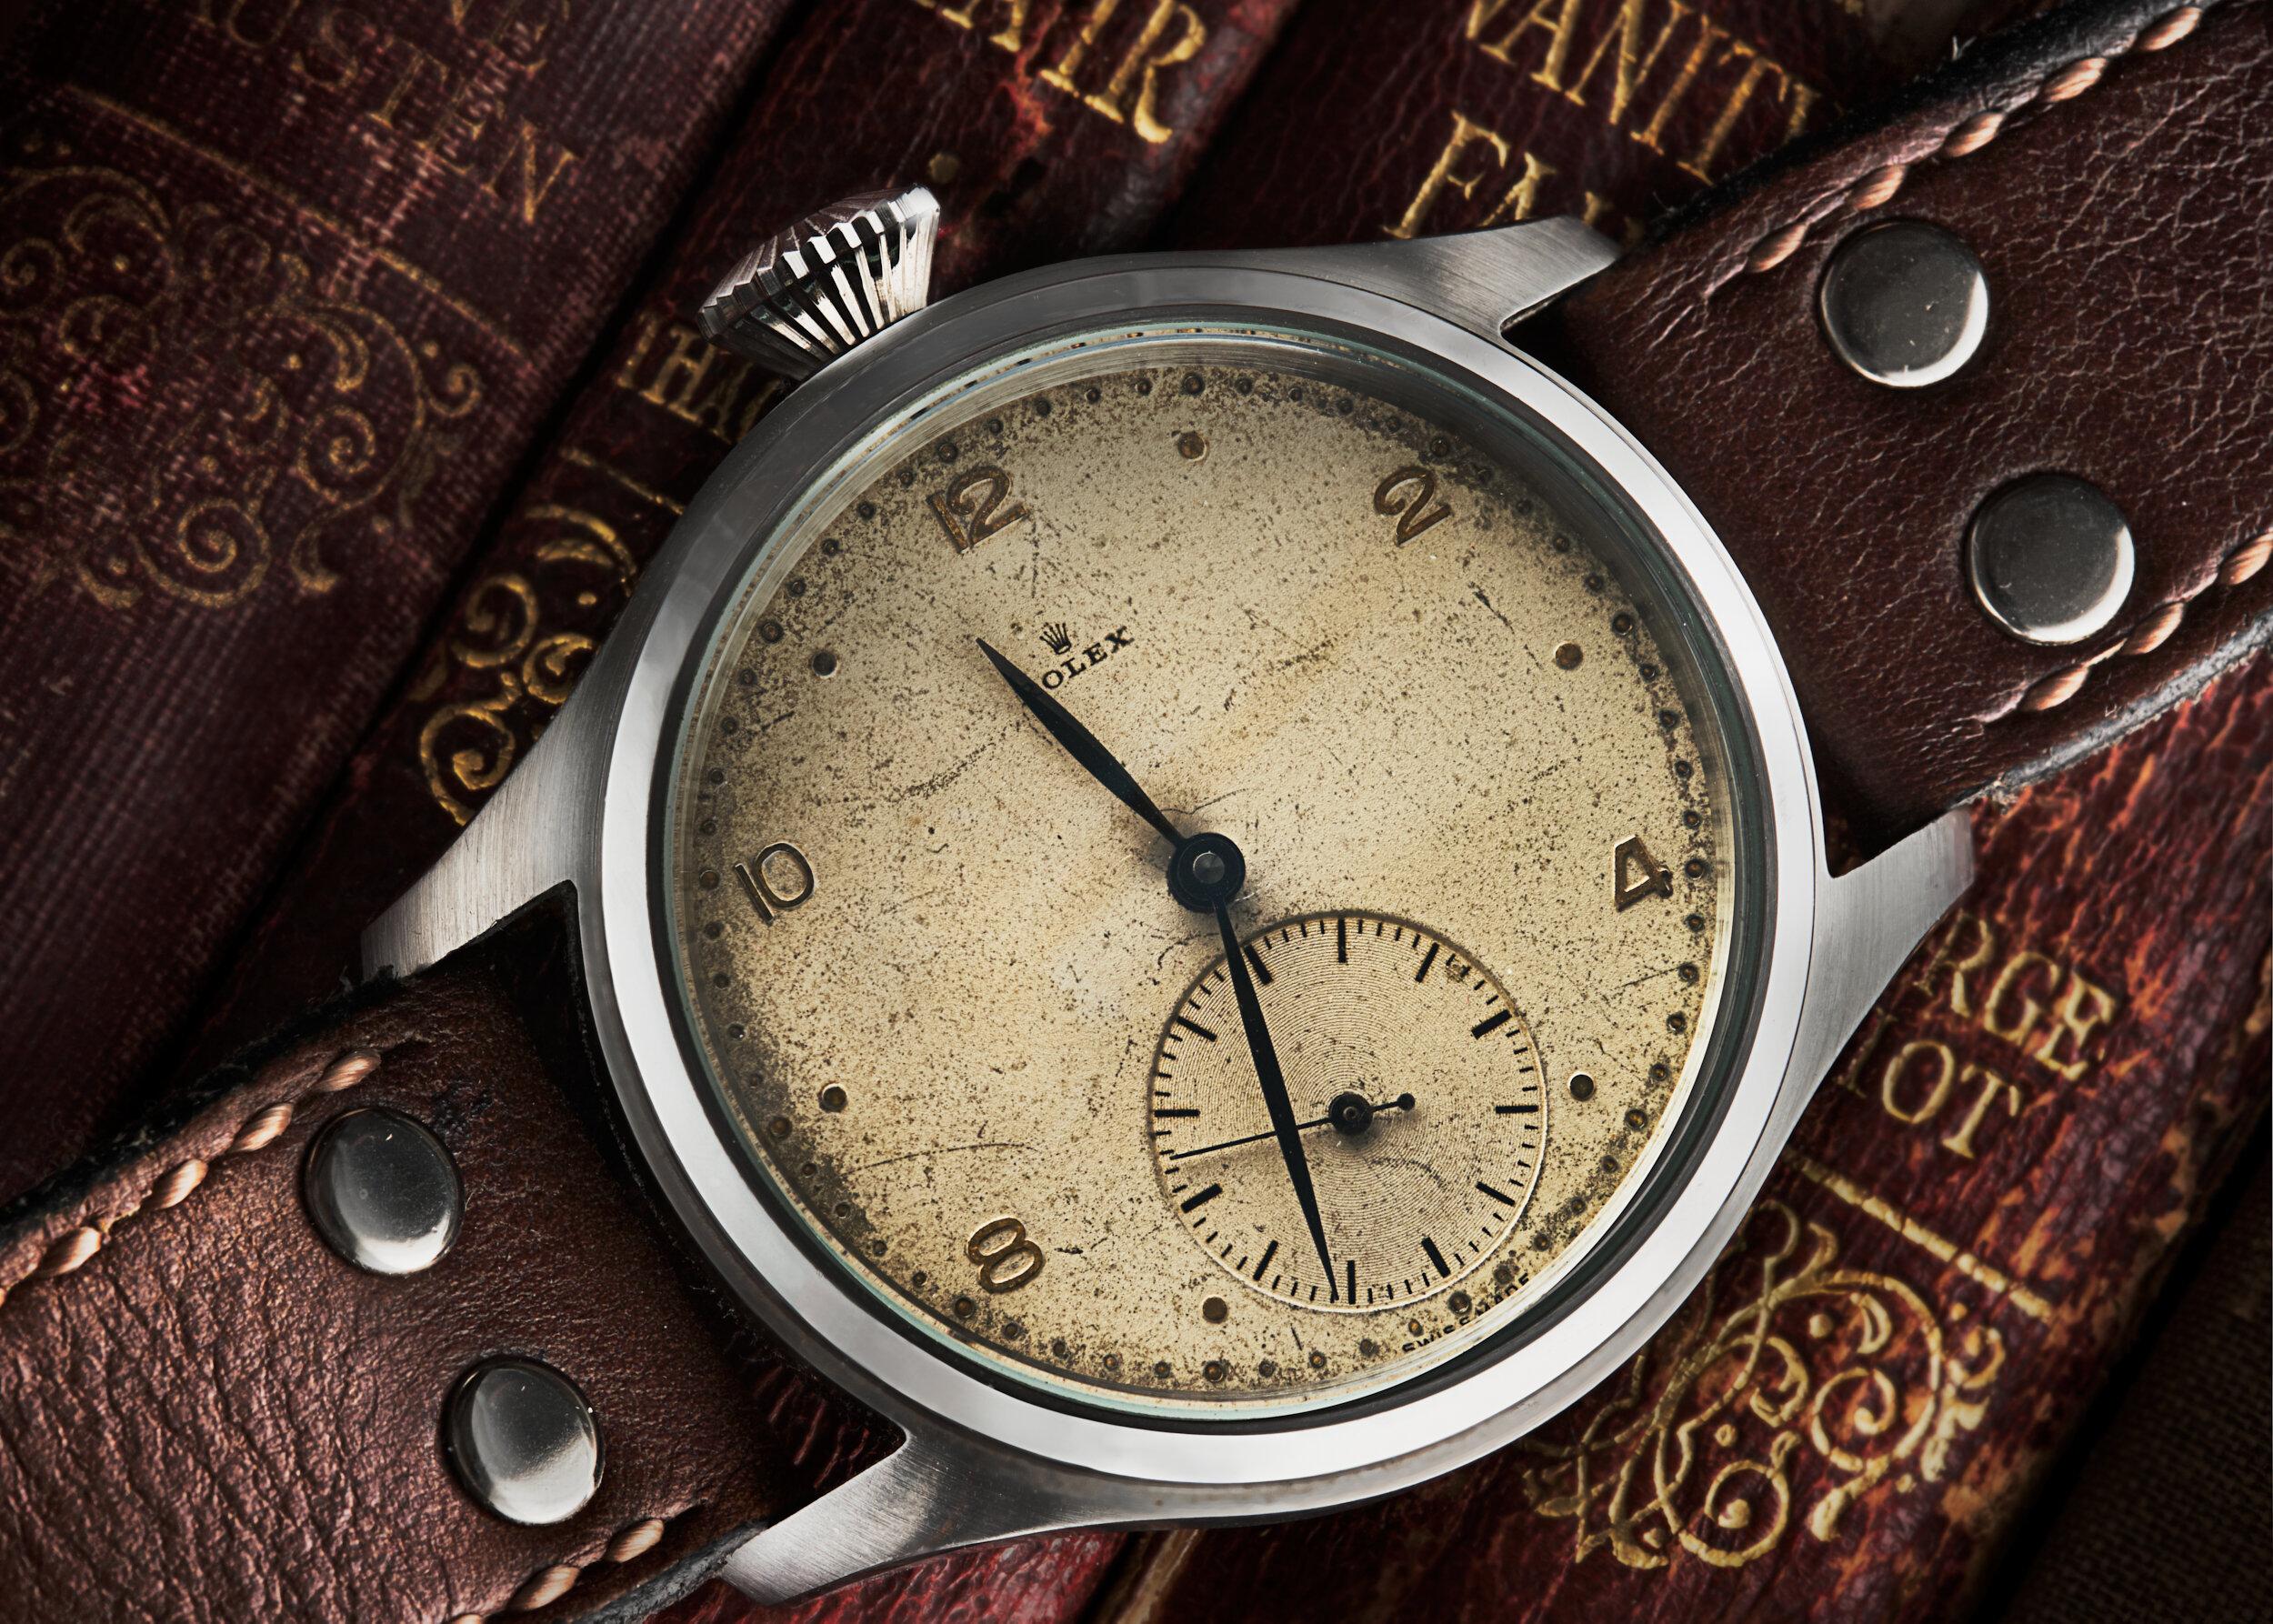 Rolex Pocket watch 1.jpg